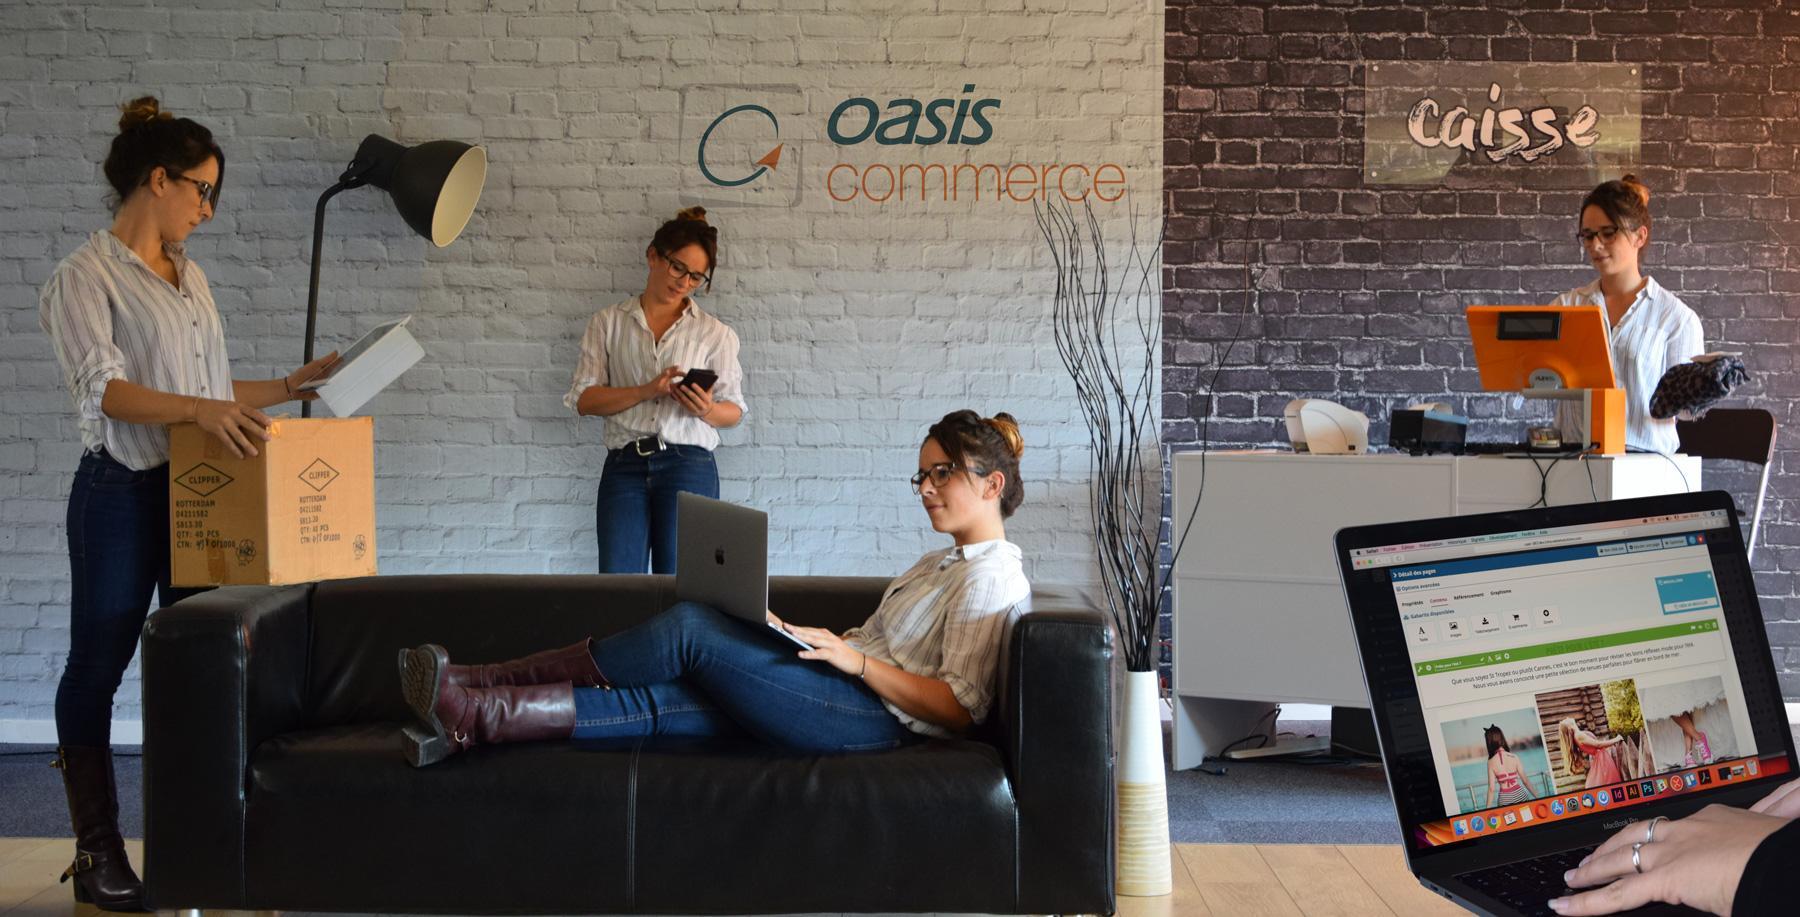 OASIS Commerce : solution de gestion omnicanal, e-commerce, ERP ⇒ Avis, prix